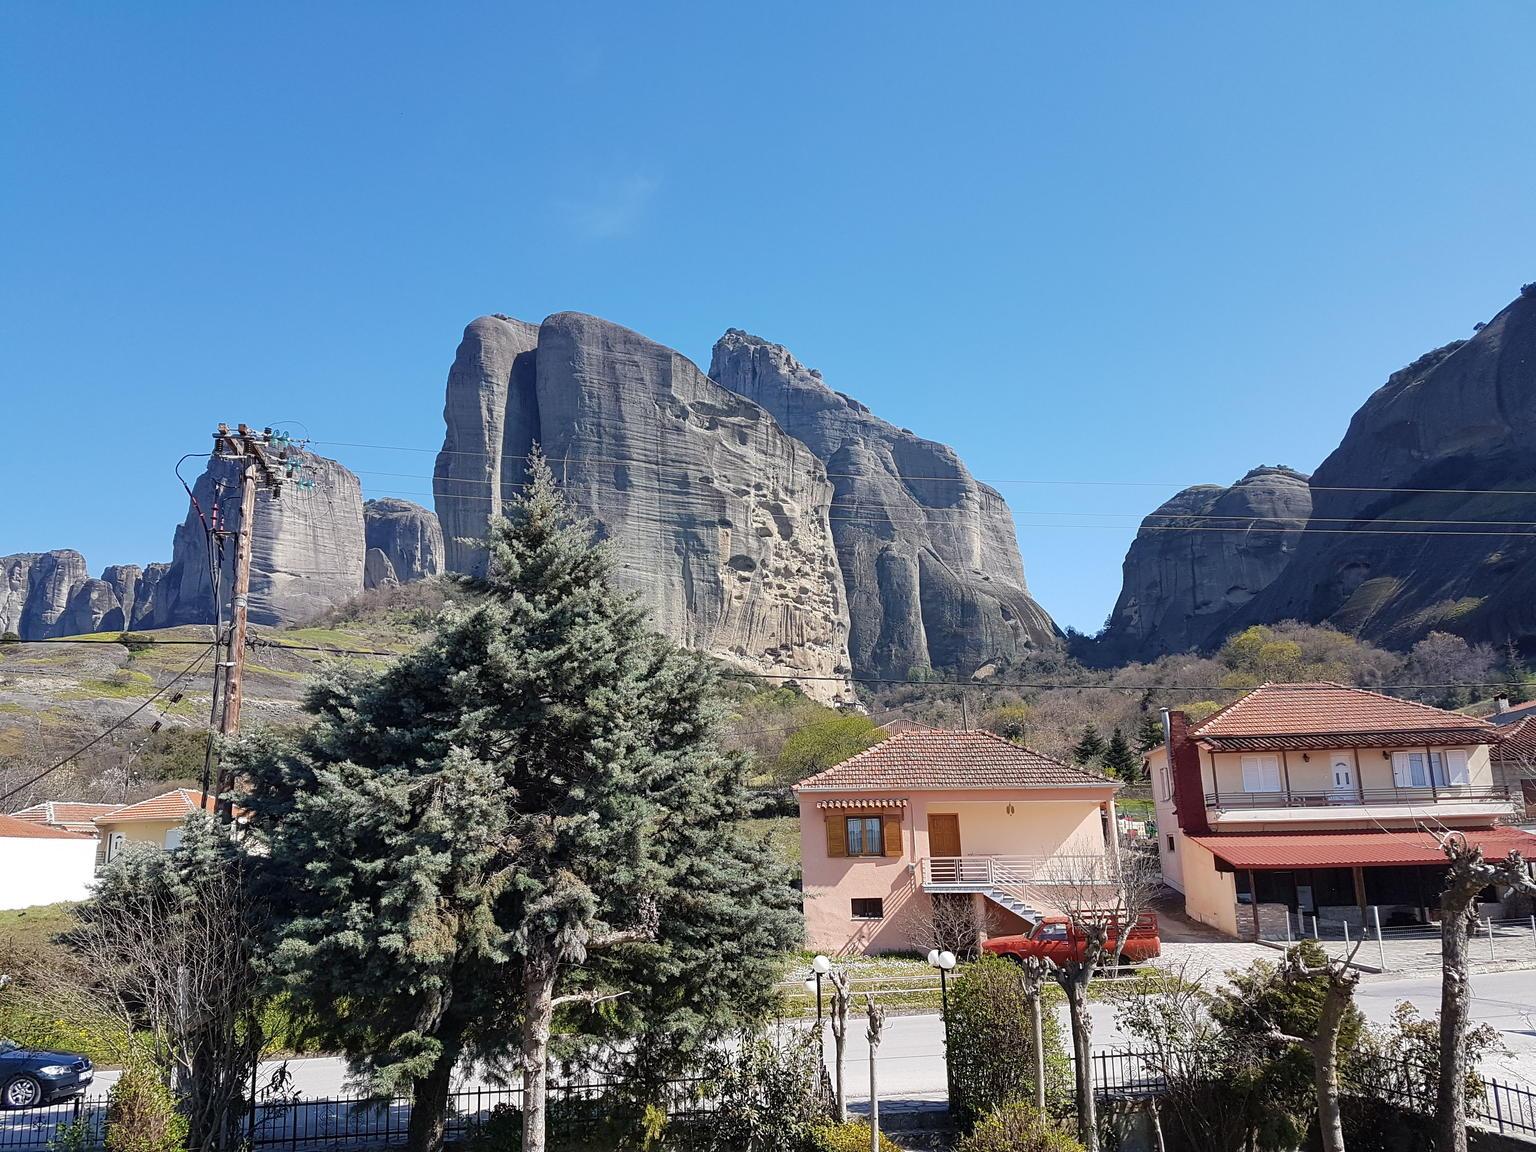 MÁS FOTOS, Recorrido al atardecer en Meteora con salida desde Kalambaka